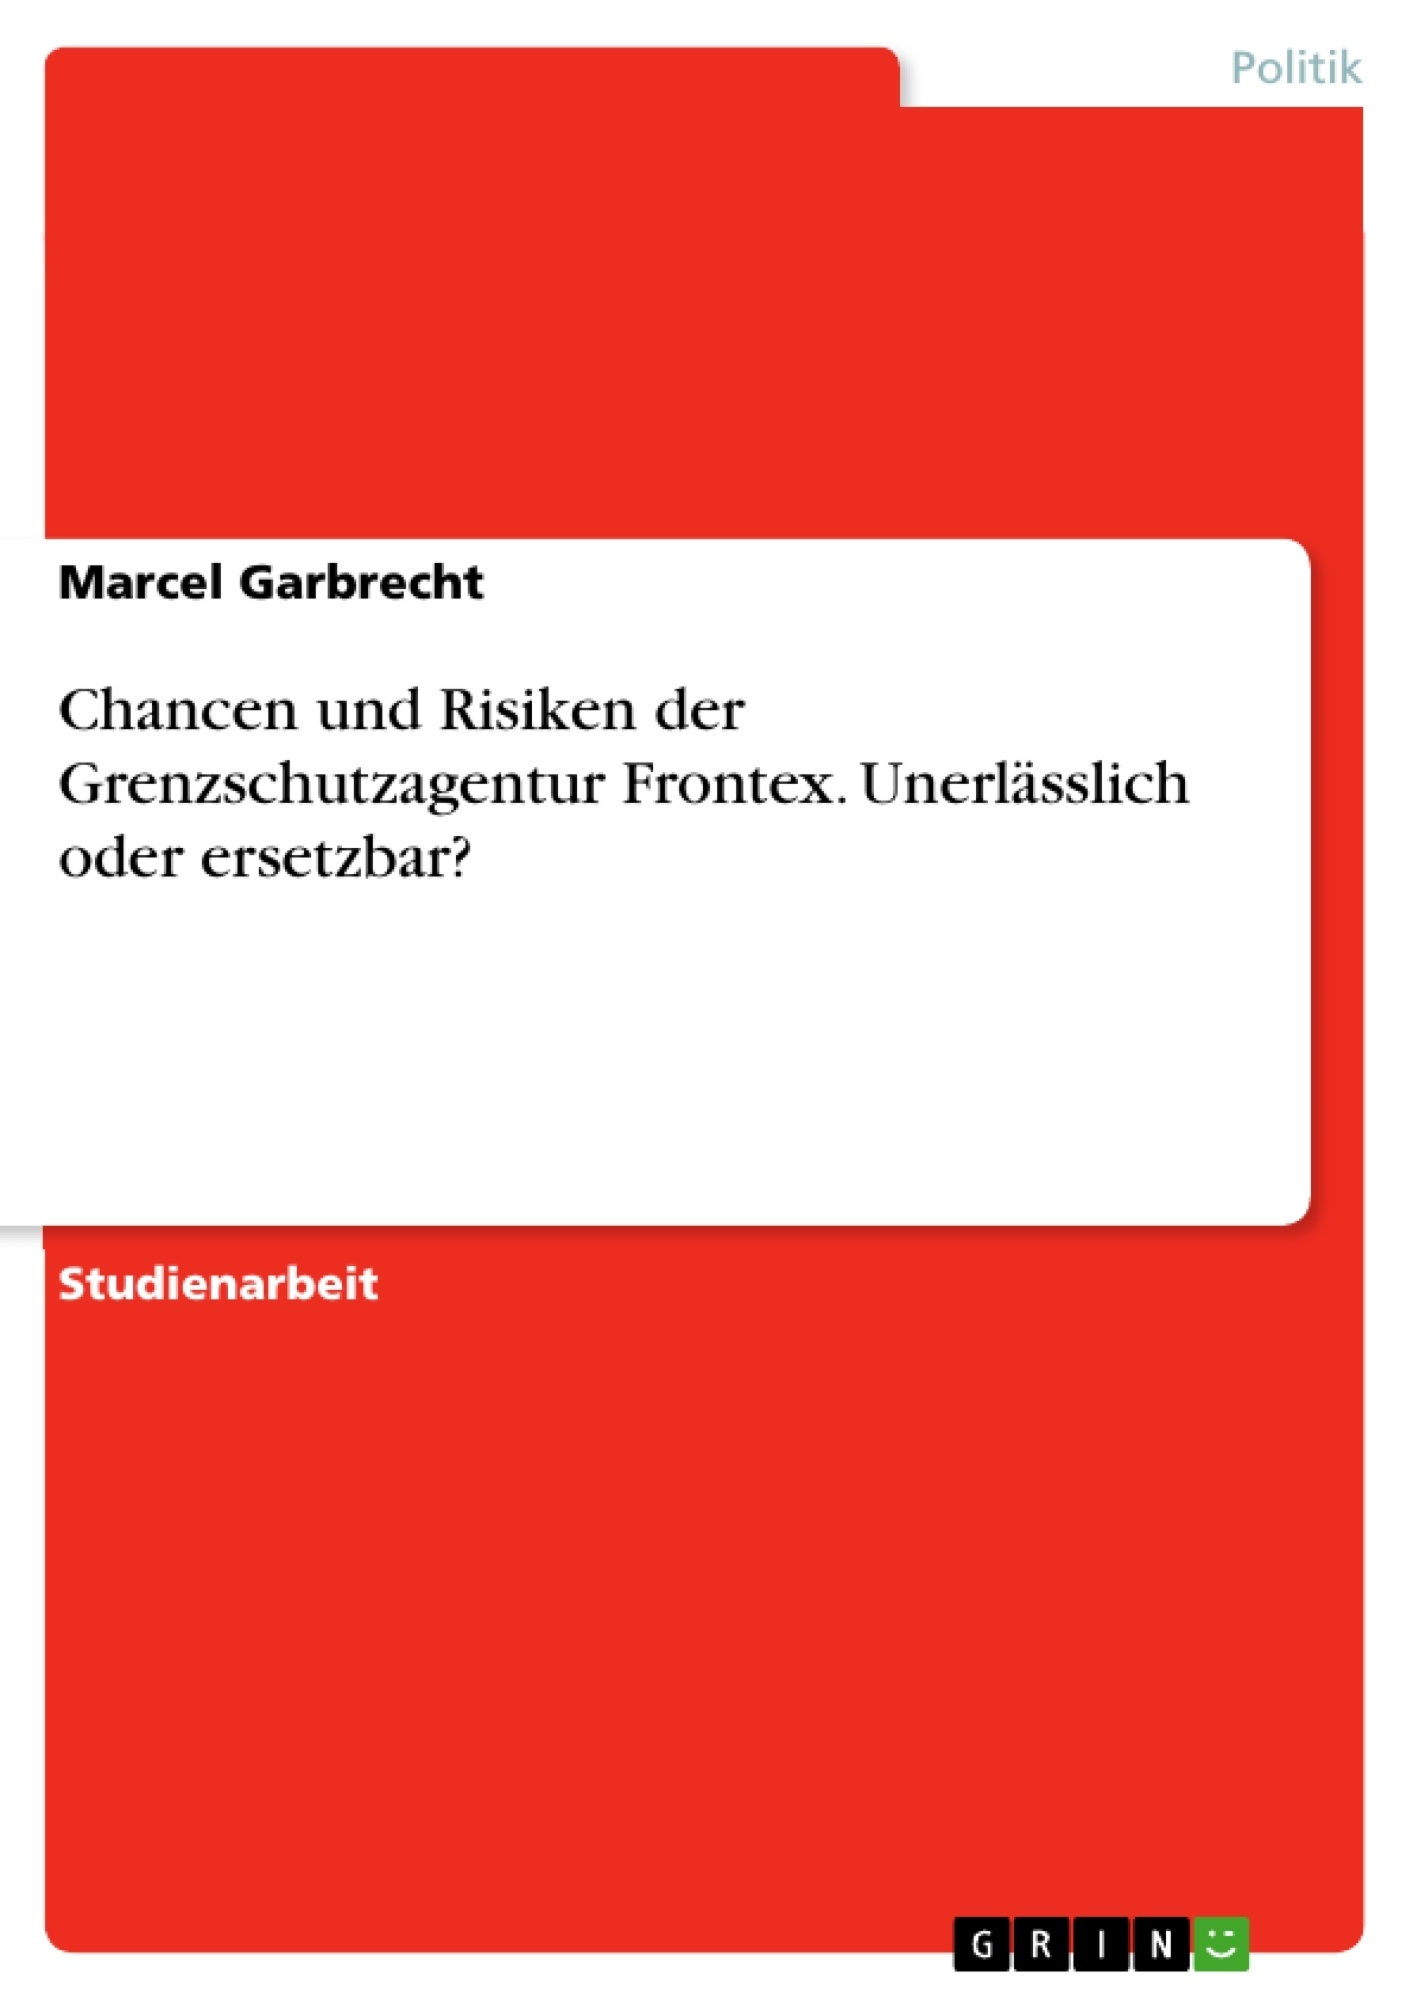 Titel: Chancen und Risiken der Grenzschutzagentur Frontex. Unerlässlich oder ersetzbar?